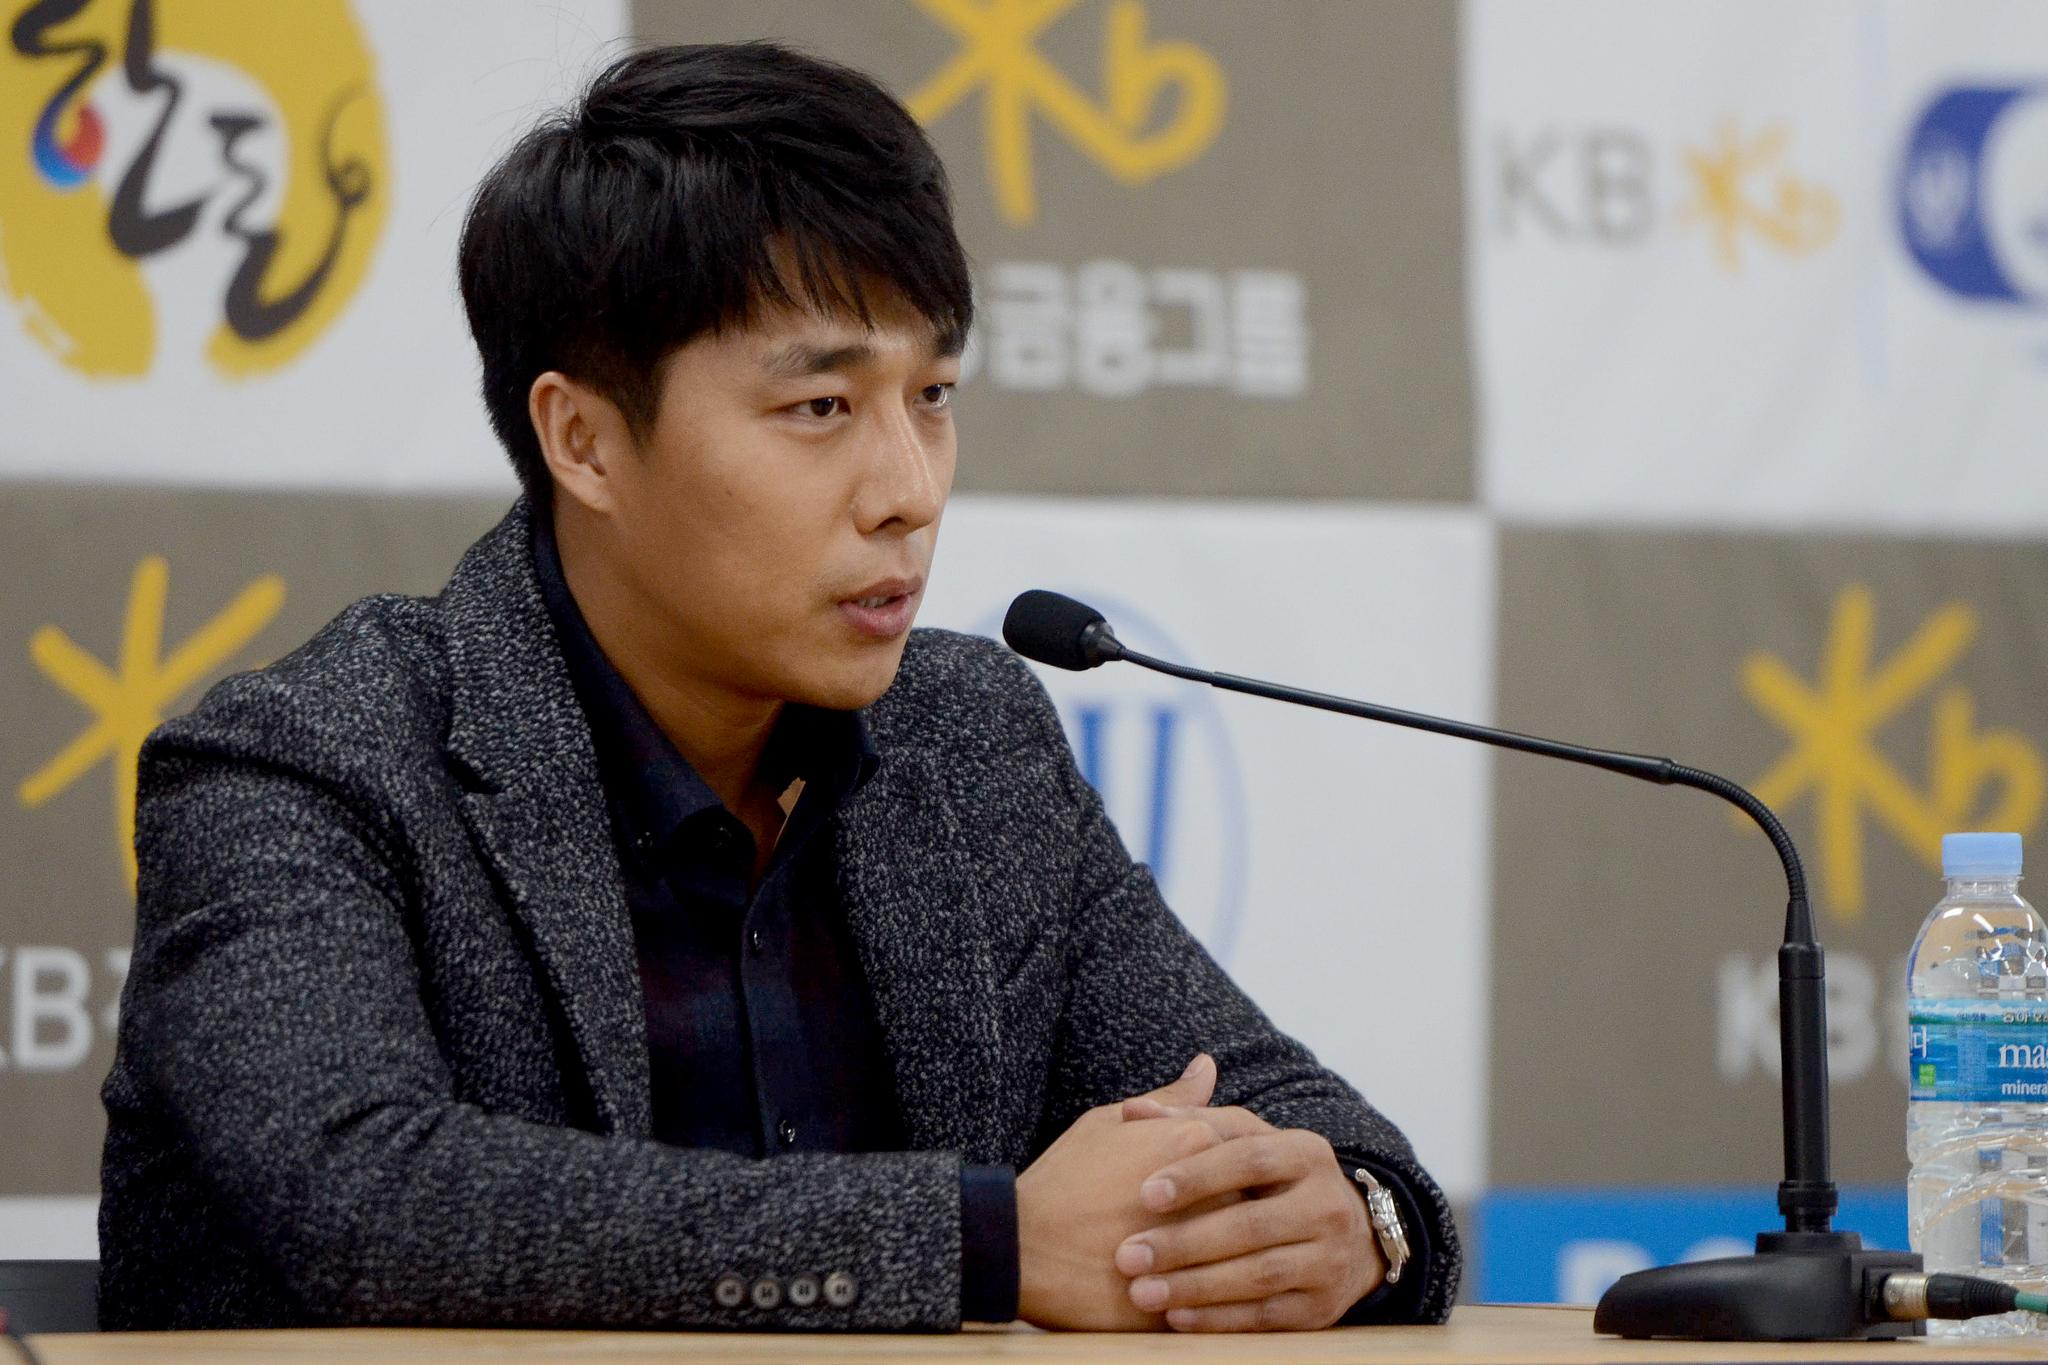 김동성: '모친 살인청부 교사, 김동성과 불륜…억대 선물 줬다'